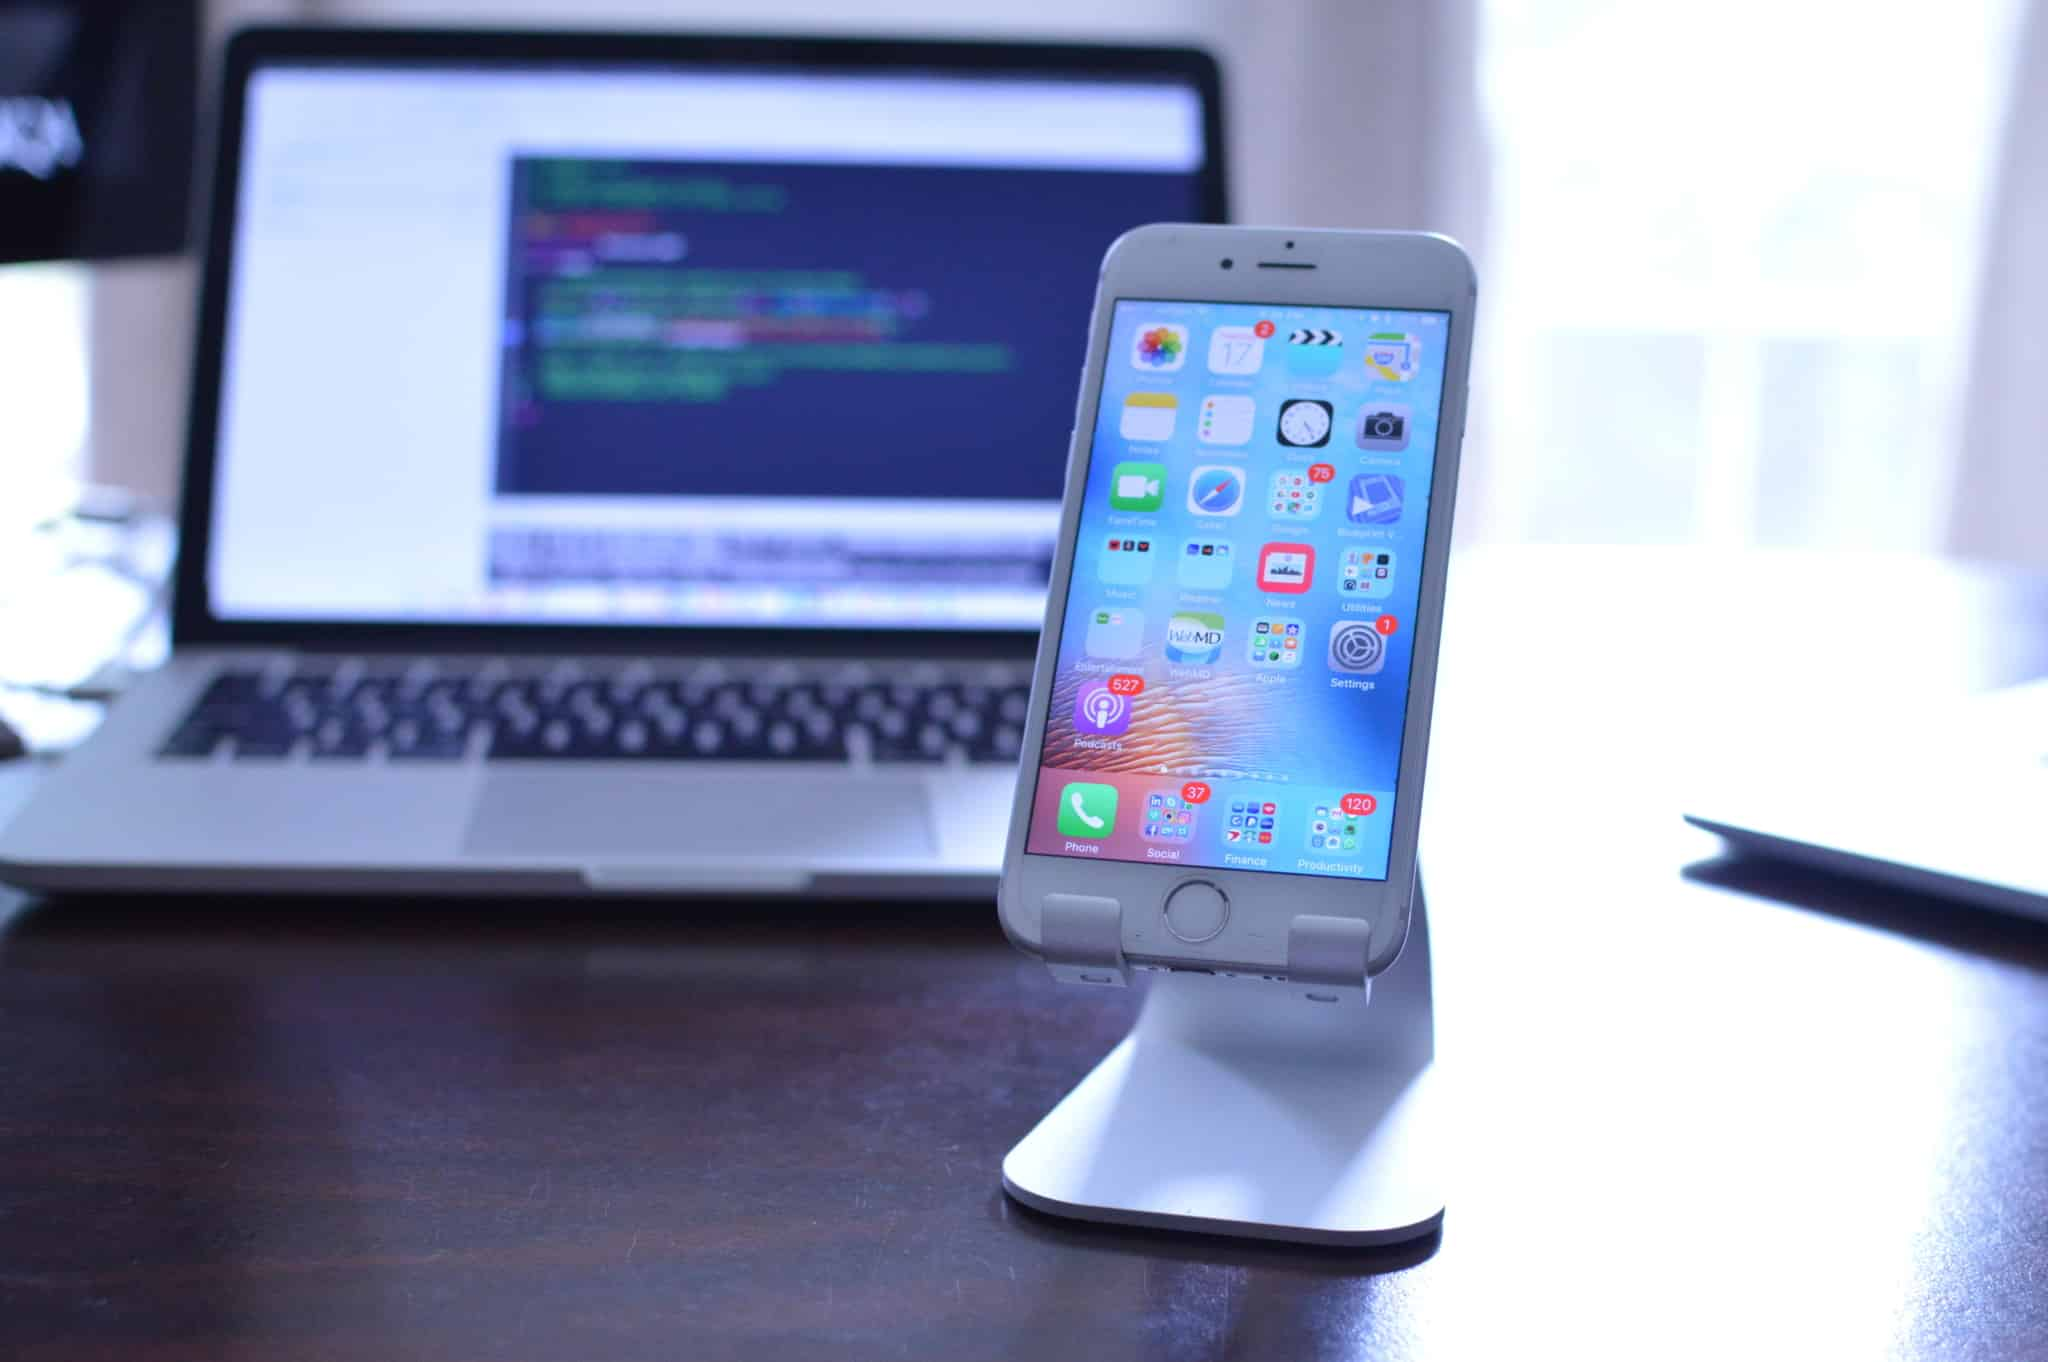 smartphone num tripé com um computador com código no ecrã